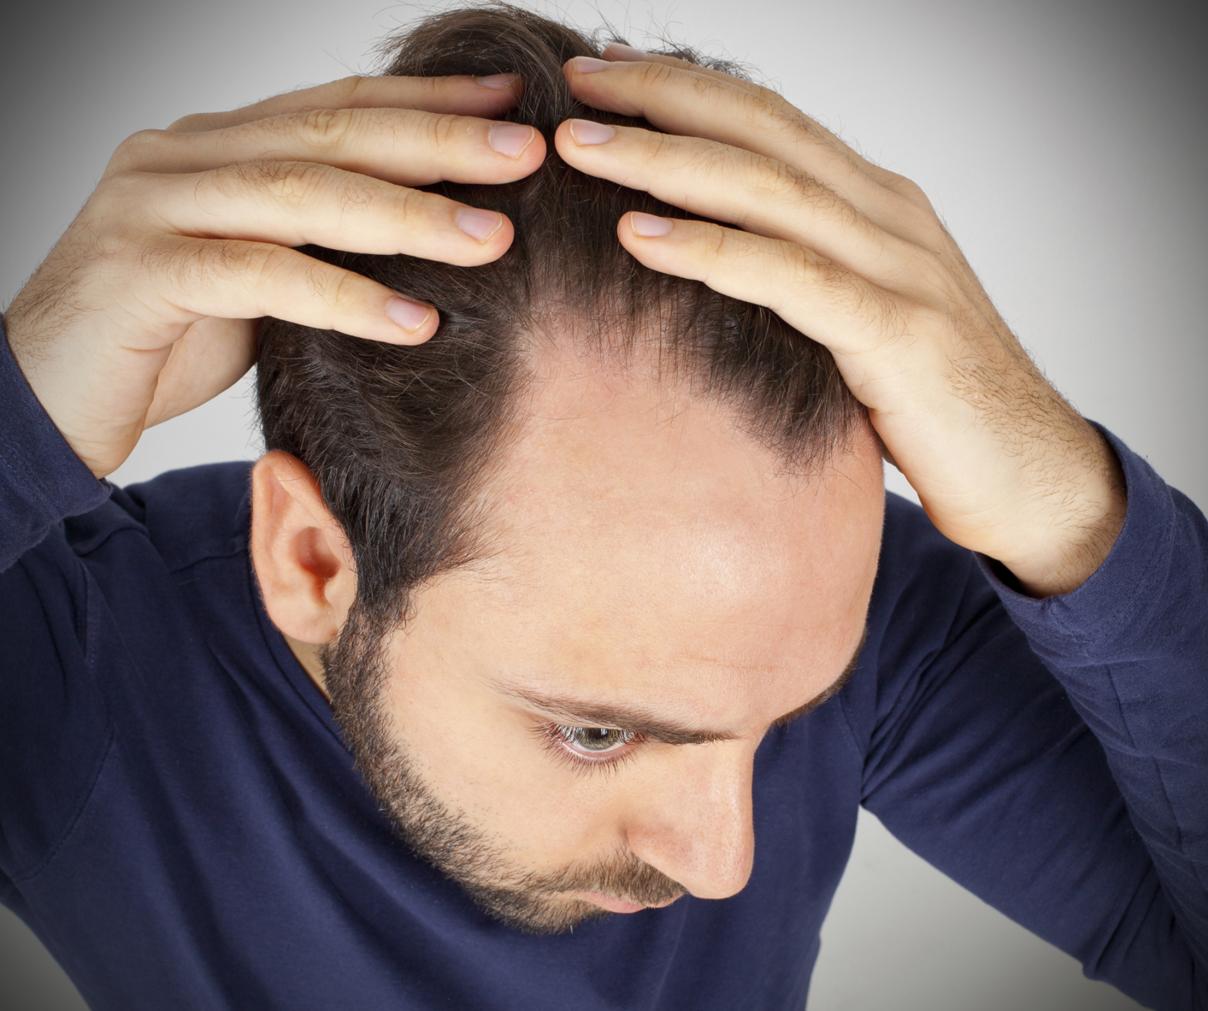 Recette pour stimuler la reproduction des poils de votre chevelure rapidement  - وصفة لتحفيز تكاثر شعرك بسرعة